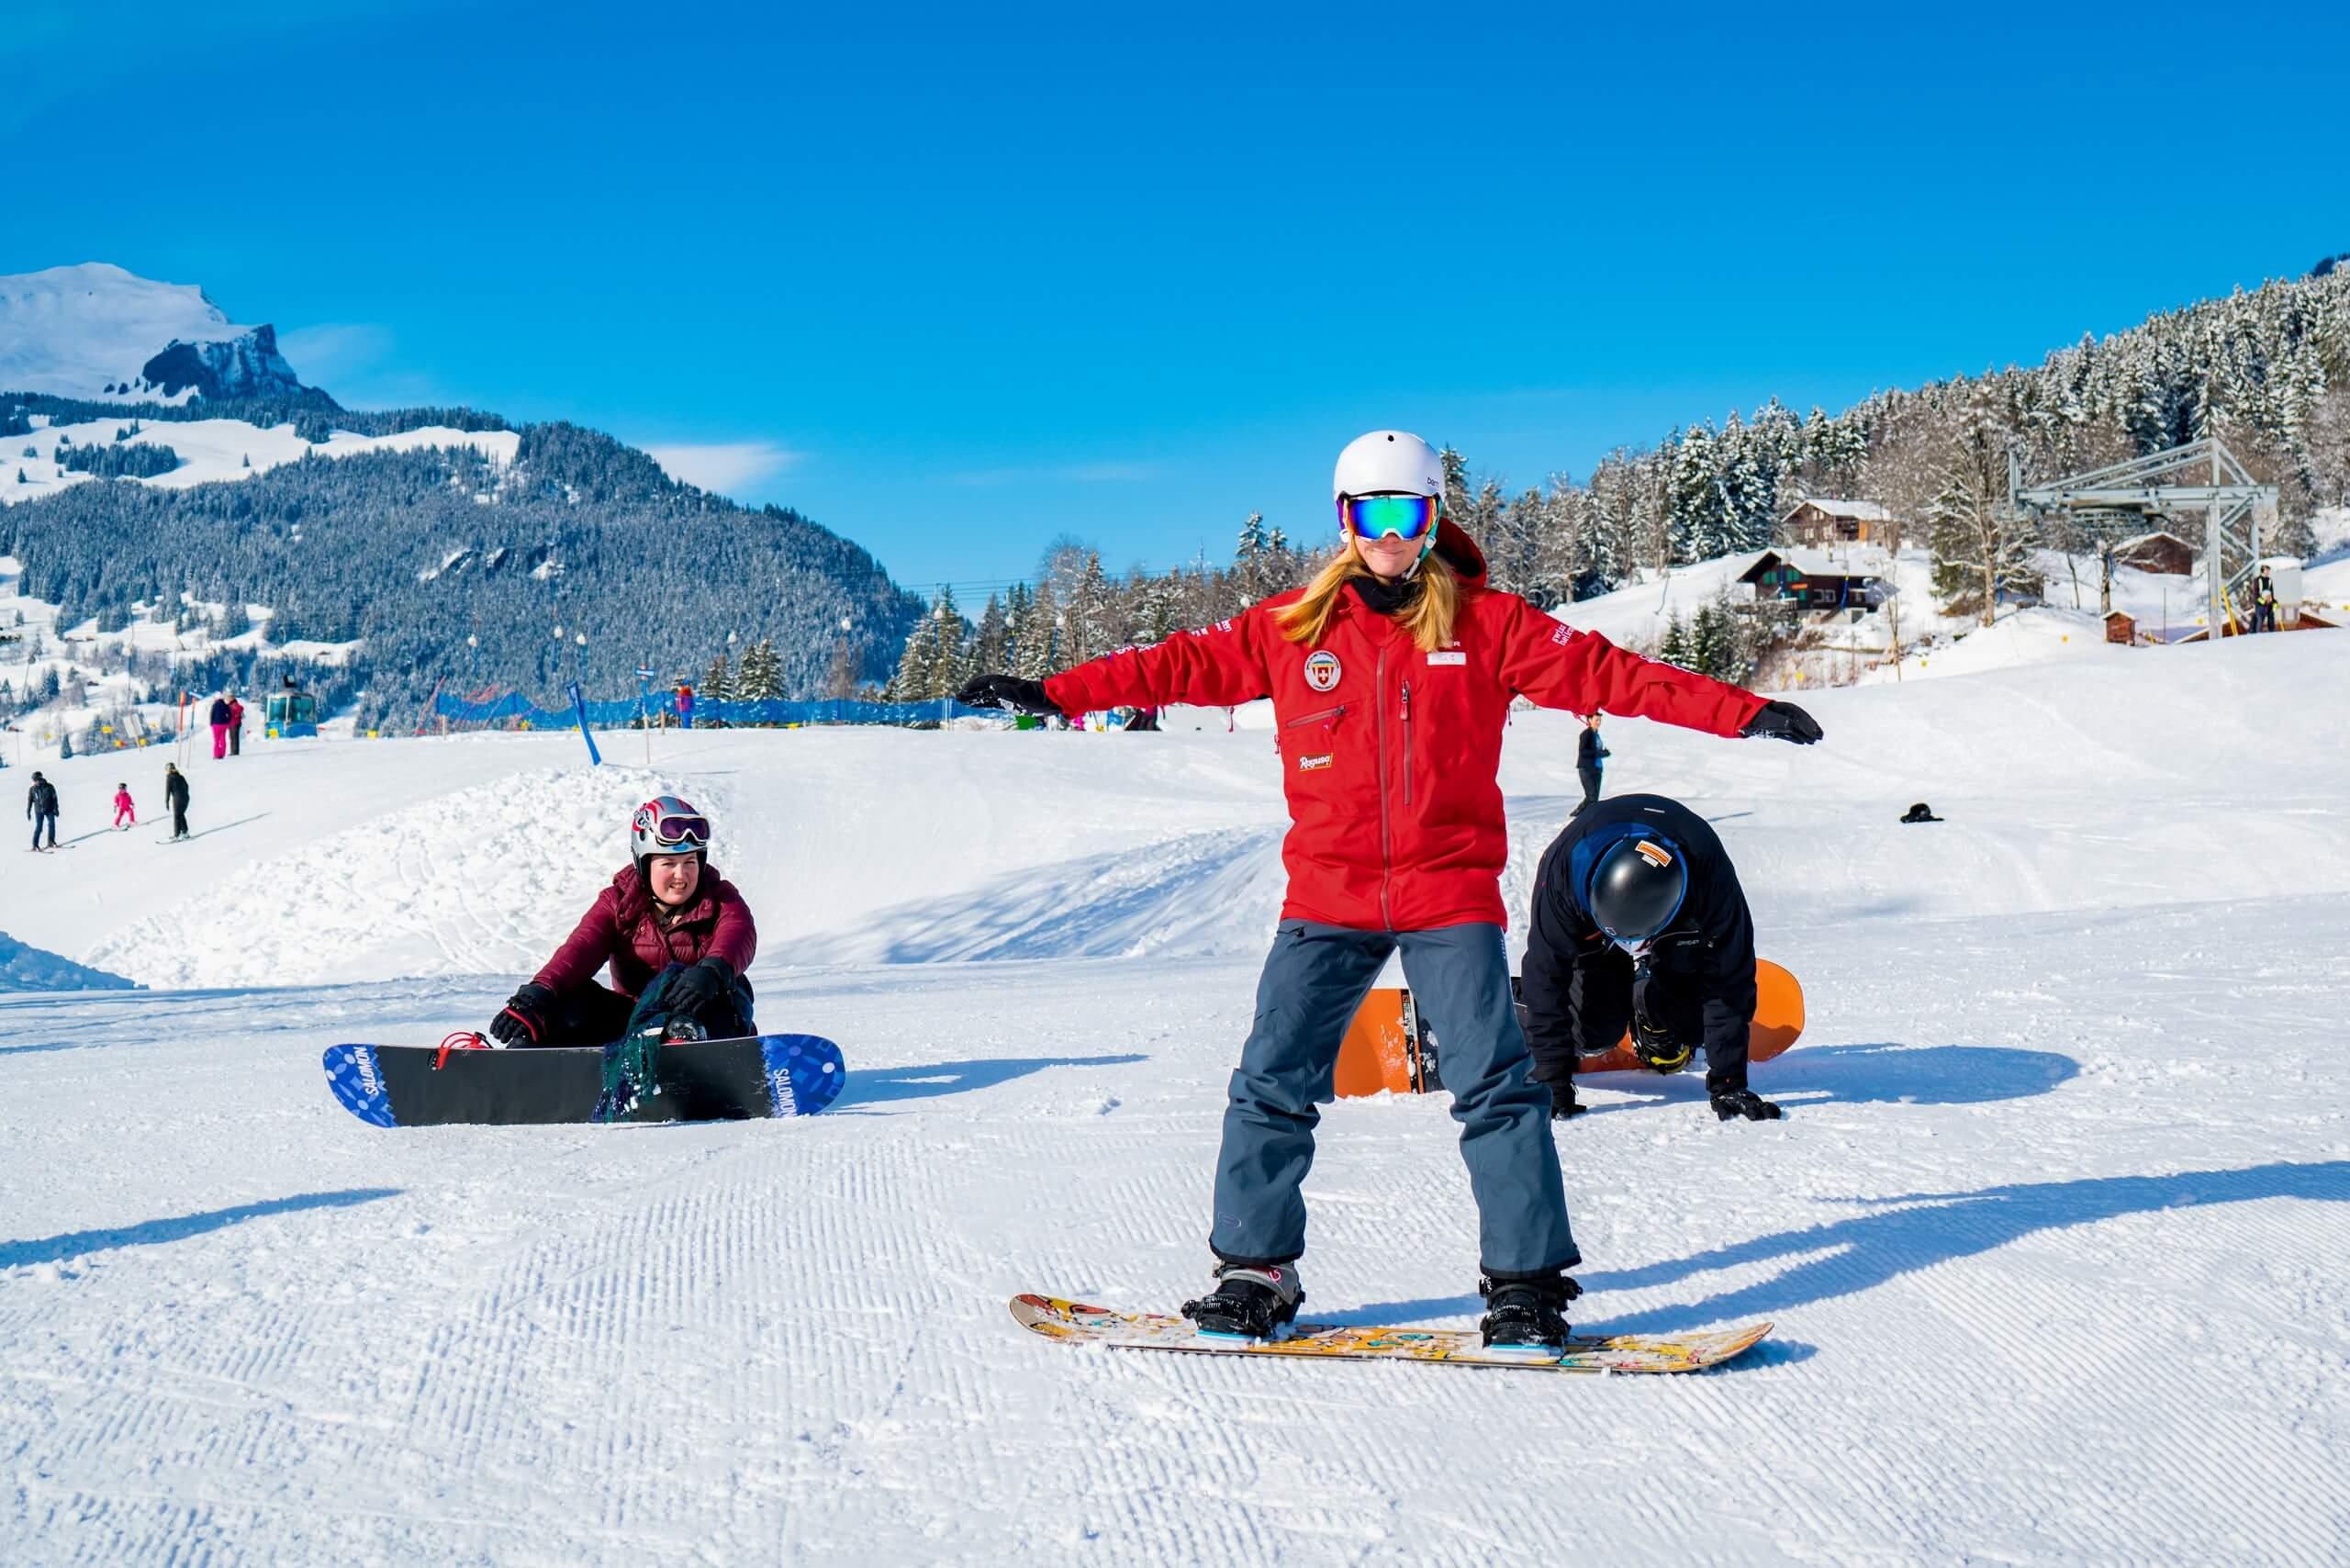 grindelwald-bodmi-winter-outdoor-interlaken-snowboard